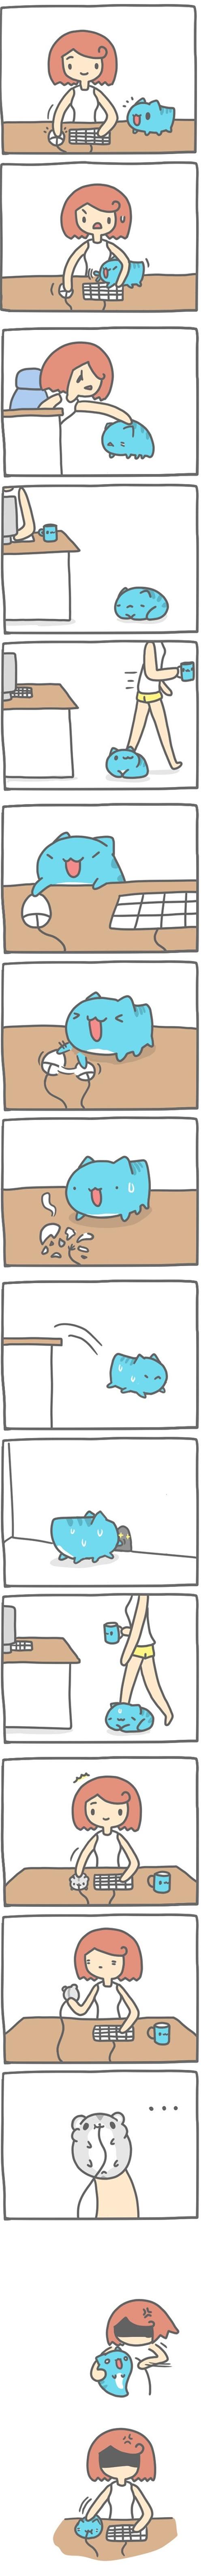 Truyện Mìn Lèo #132: Chuột máy tính